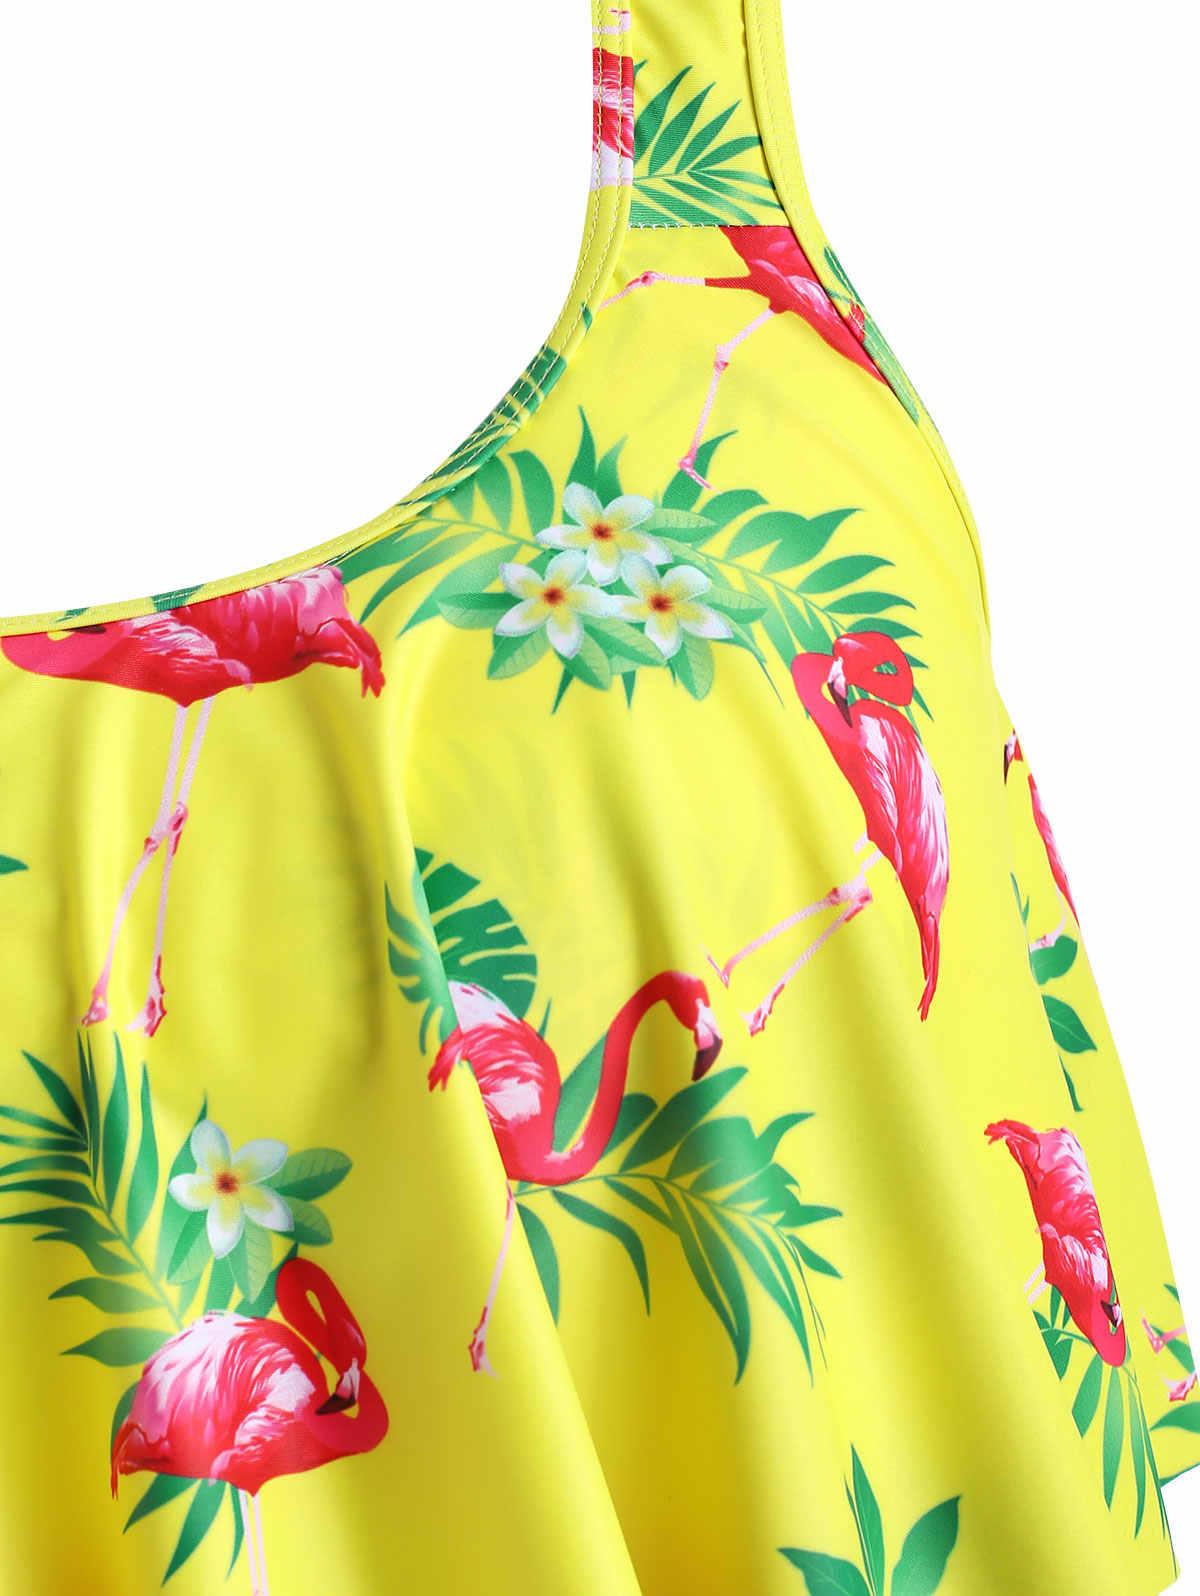 Wipalo Бикини Лето плюс размер гофрированный Фламинго Танкини с принтом набор женщин высокая посадка совок шеи купальный костюм из двух предметов пляжные купальники